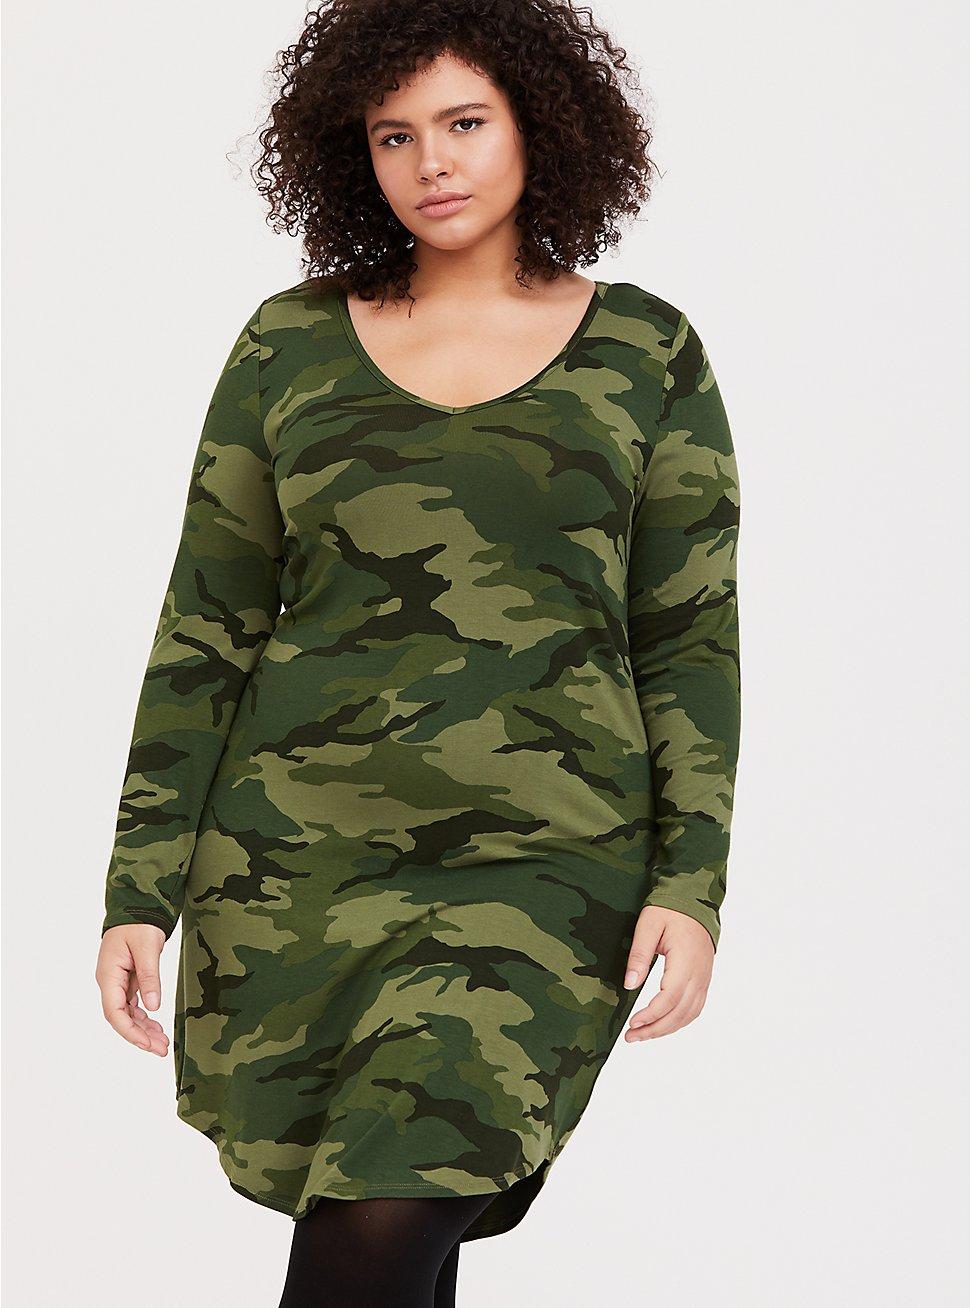 Green Camo Jersey T-shirt Dress 4